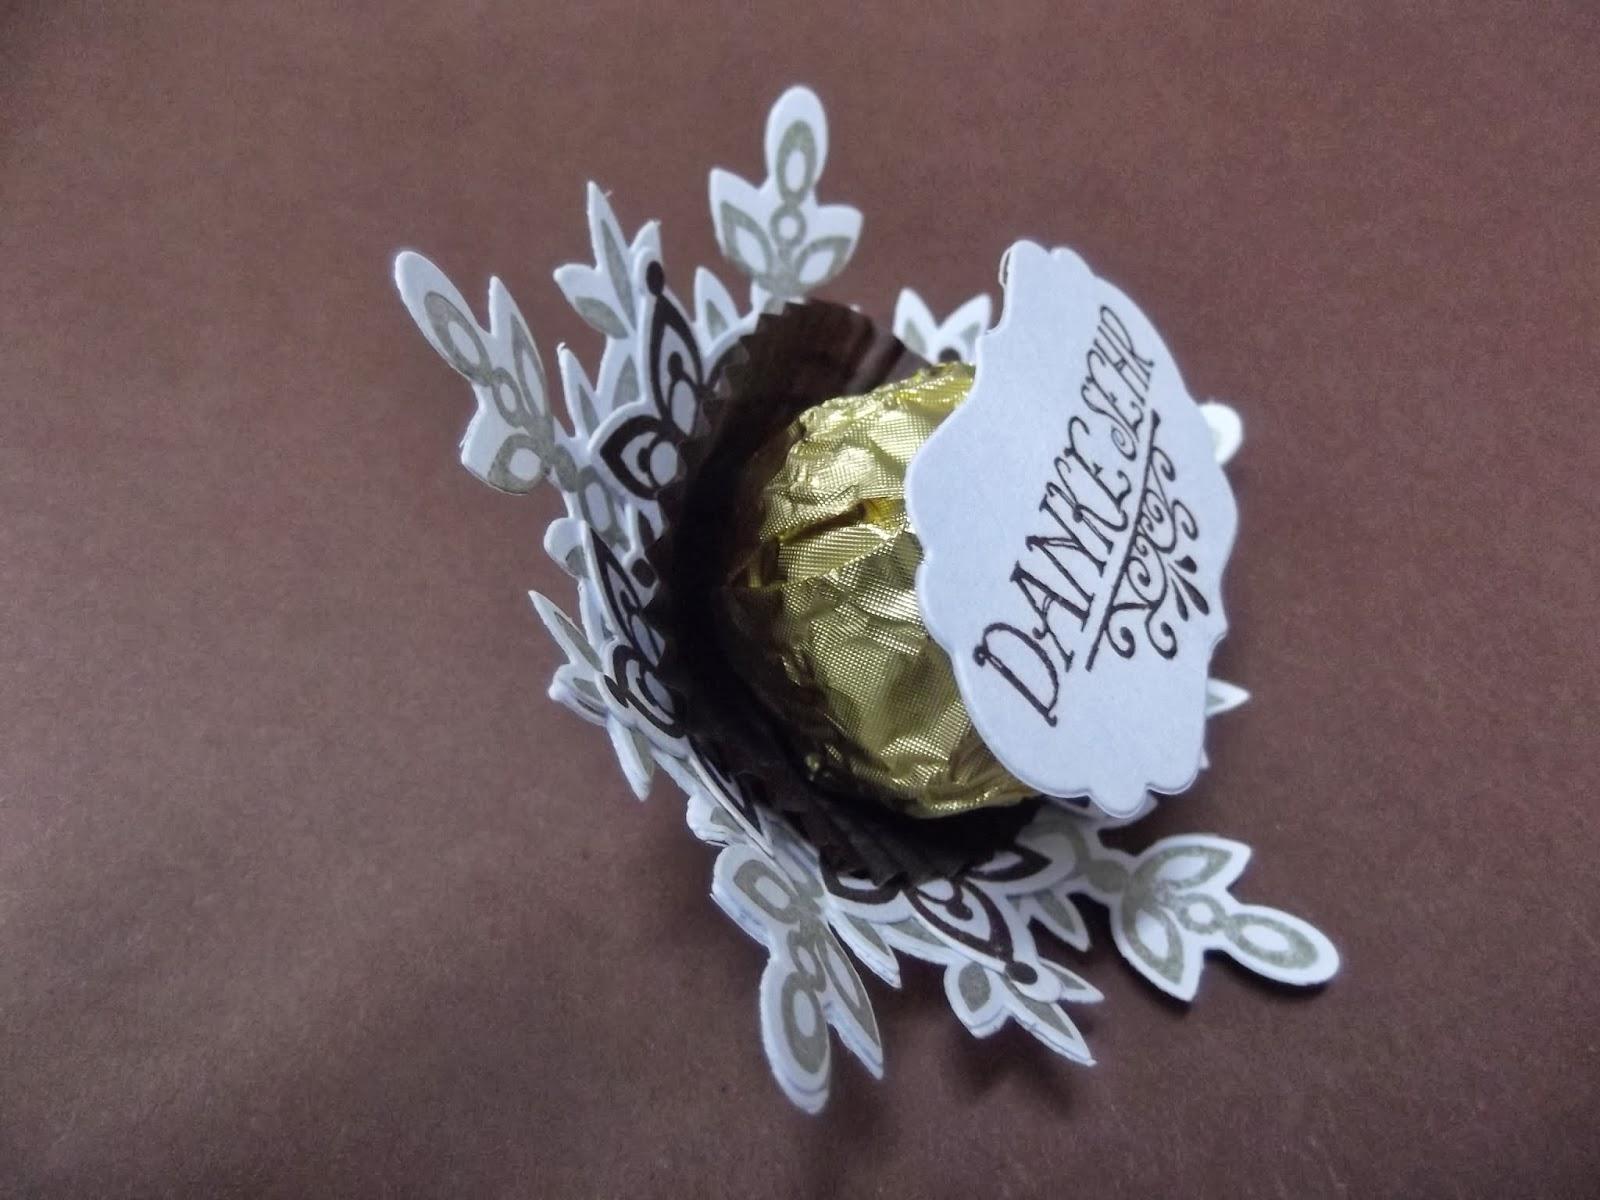 Stanzschablone Zahnrad Hochzeit Valentinstag Geburtstag Weihnachten Karte Album